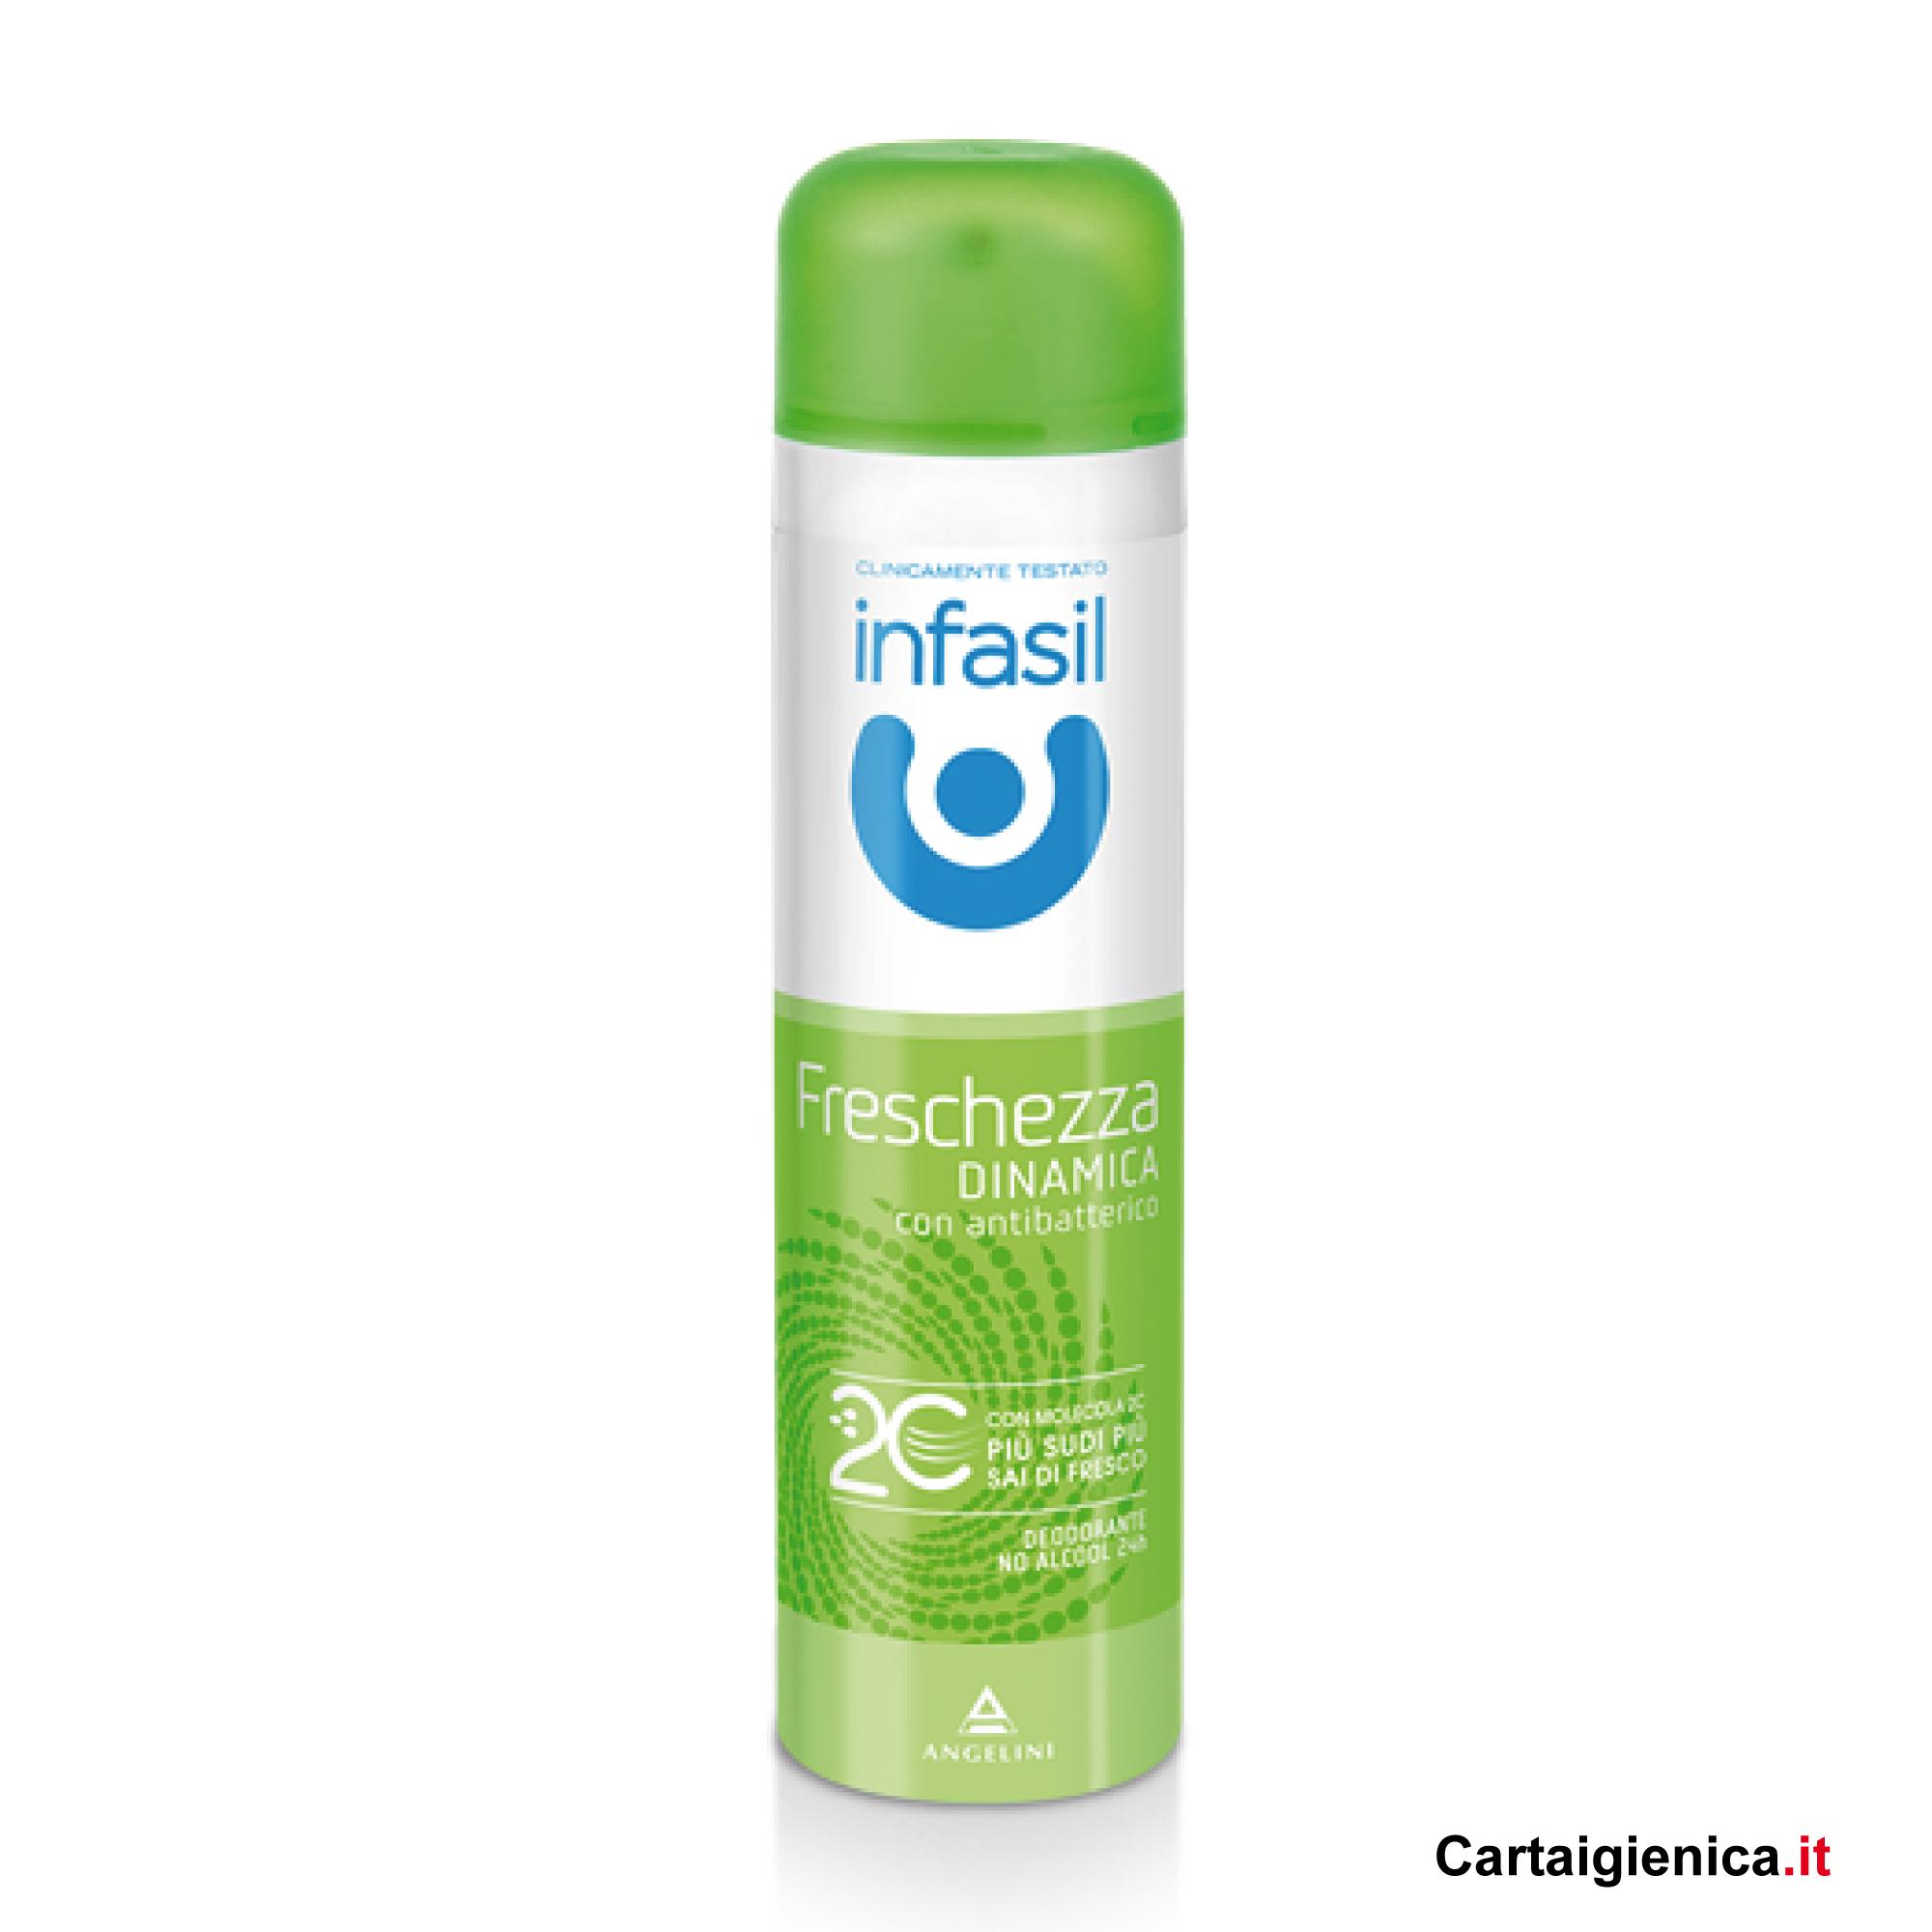 infasil freschezza dinamica deodorante spray 150 ml